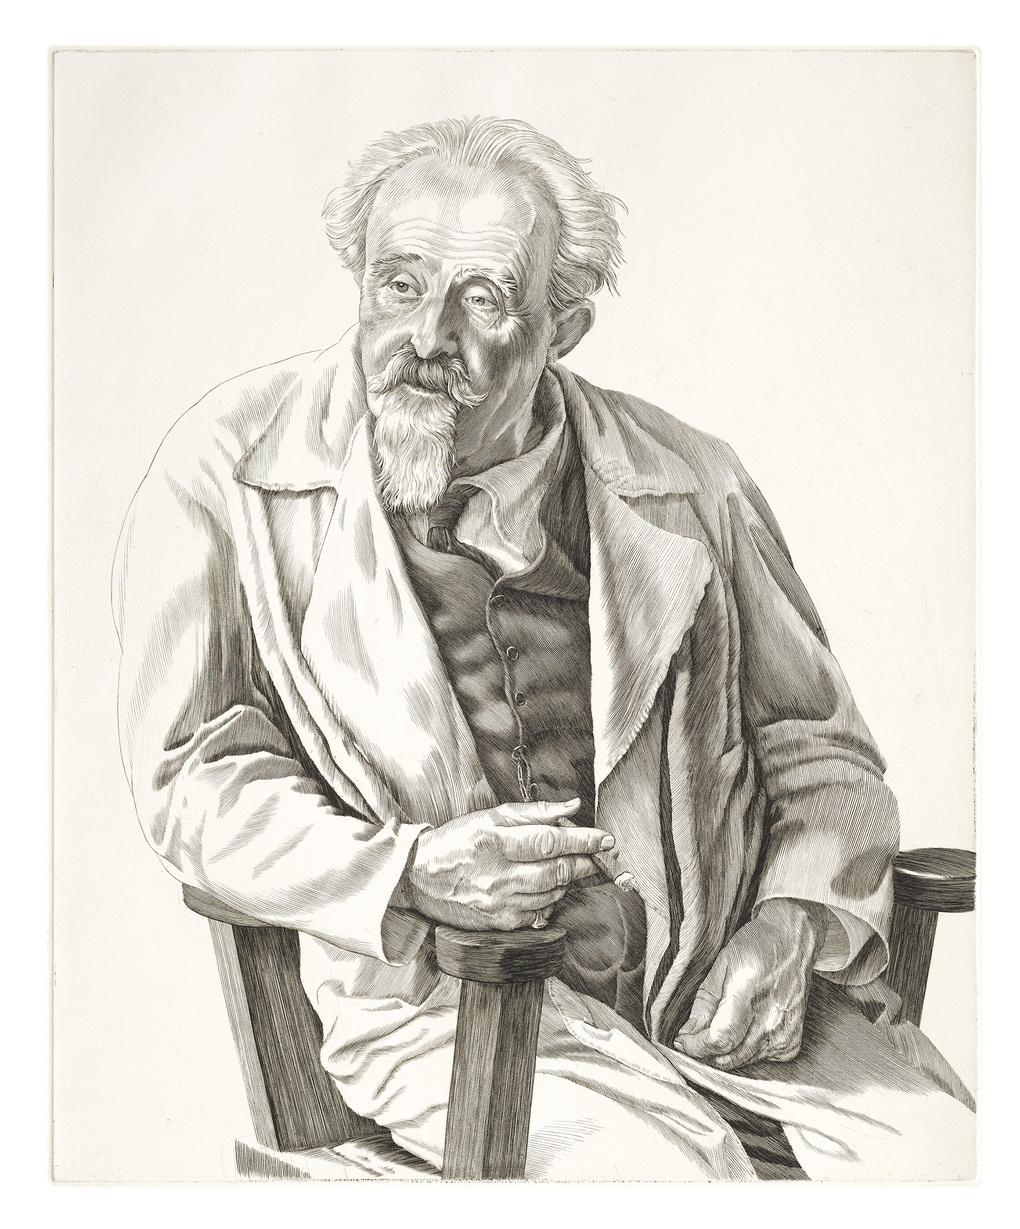 Kuno Brinks-Jan Sluijters (1881-1957)